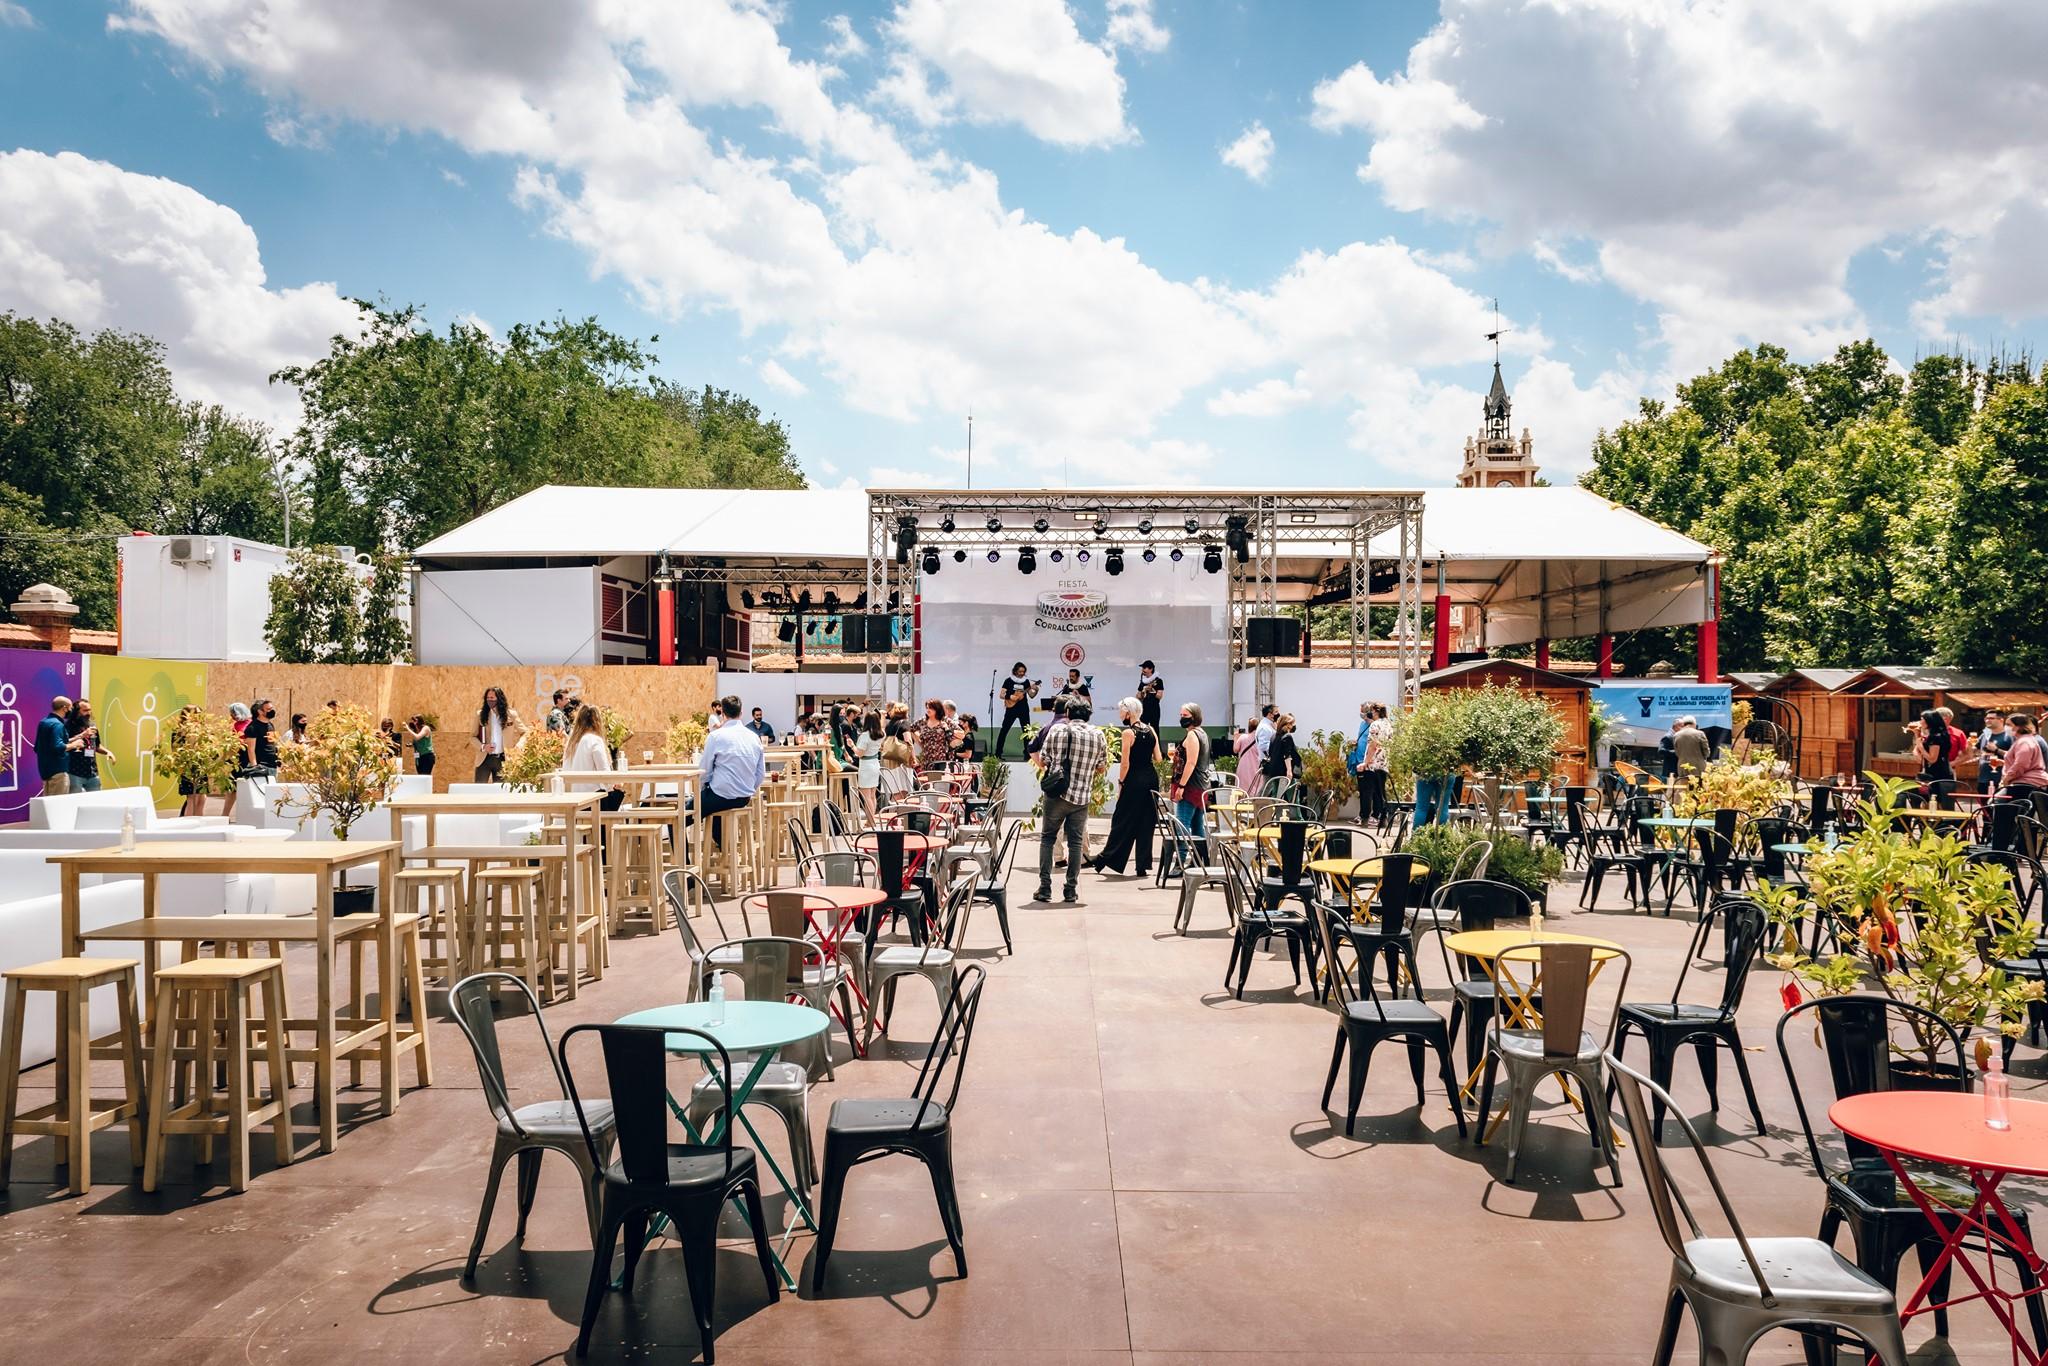 Escenario y montaje exterior del la Fiesta Corral de Cervantes edición V